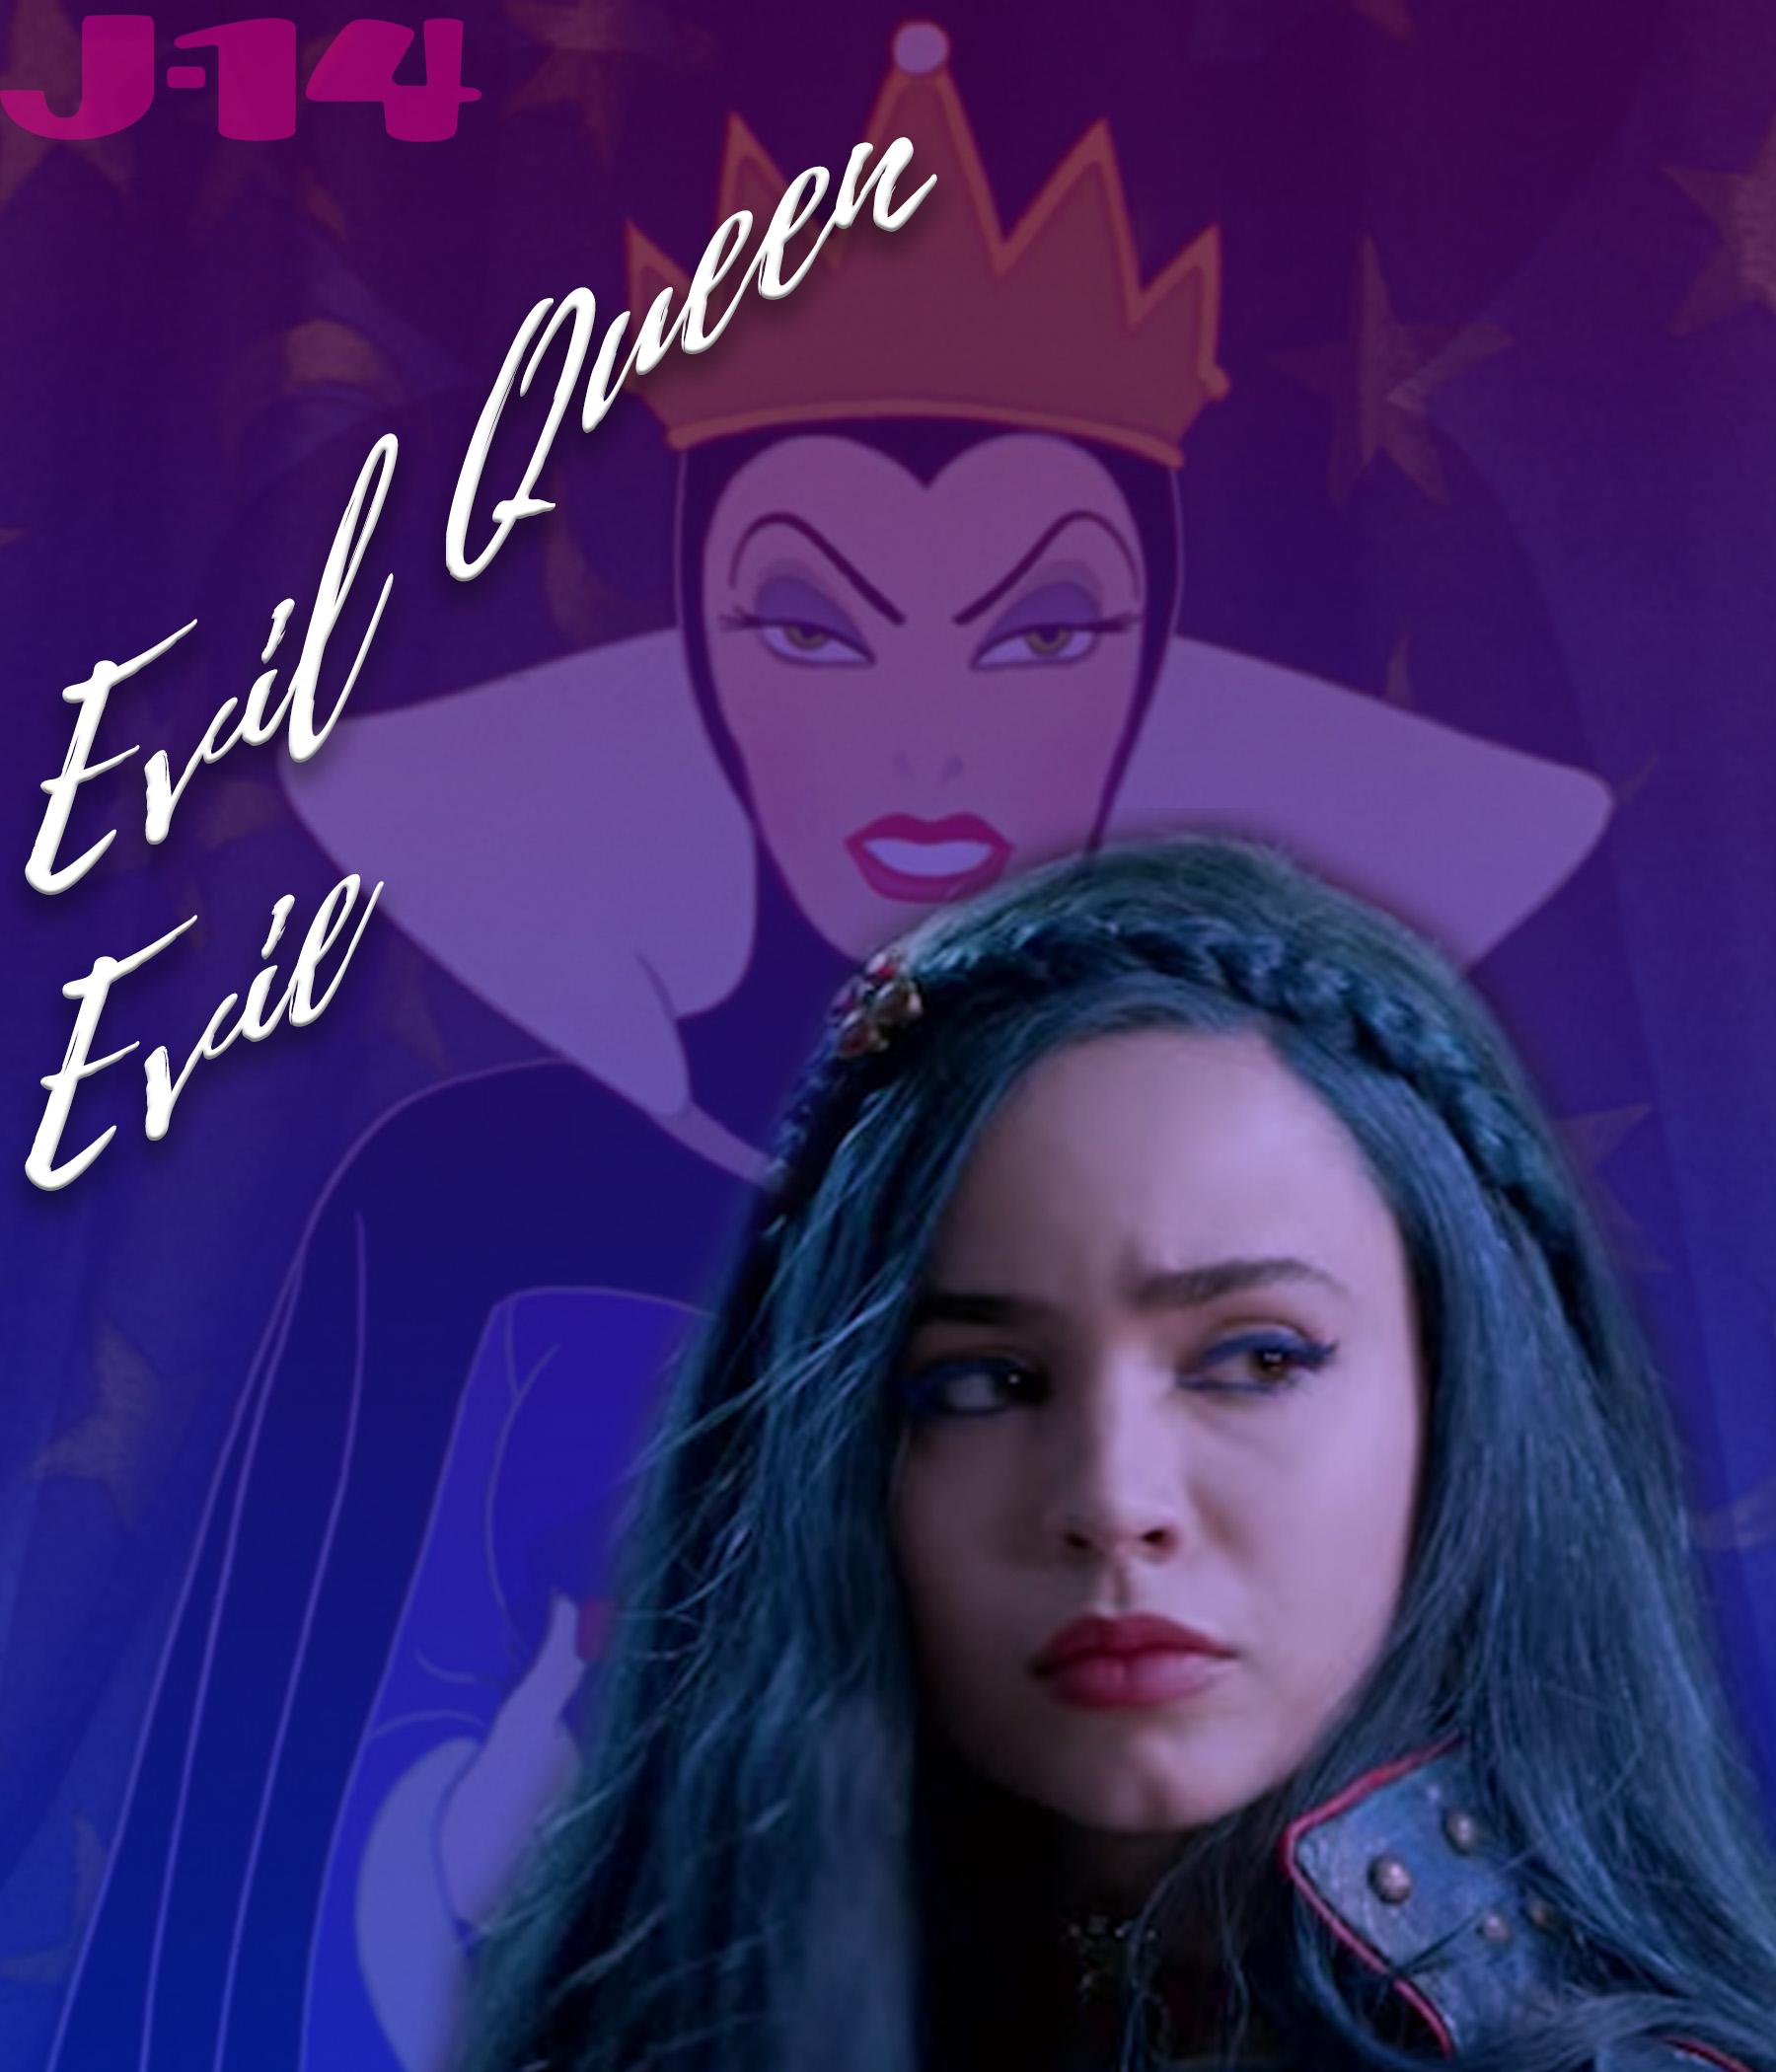 evi-evil-queen